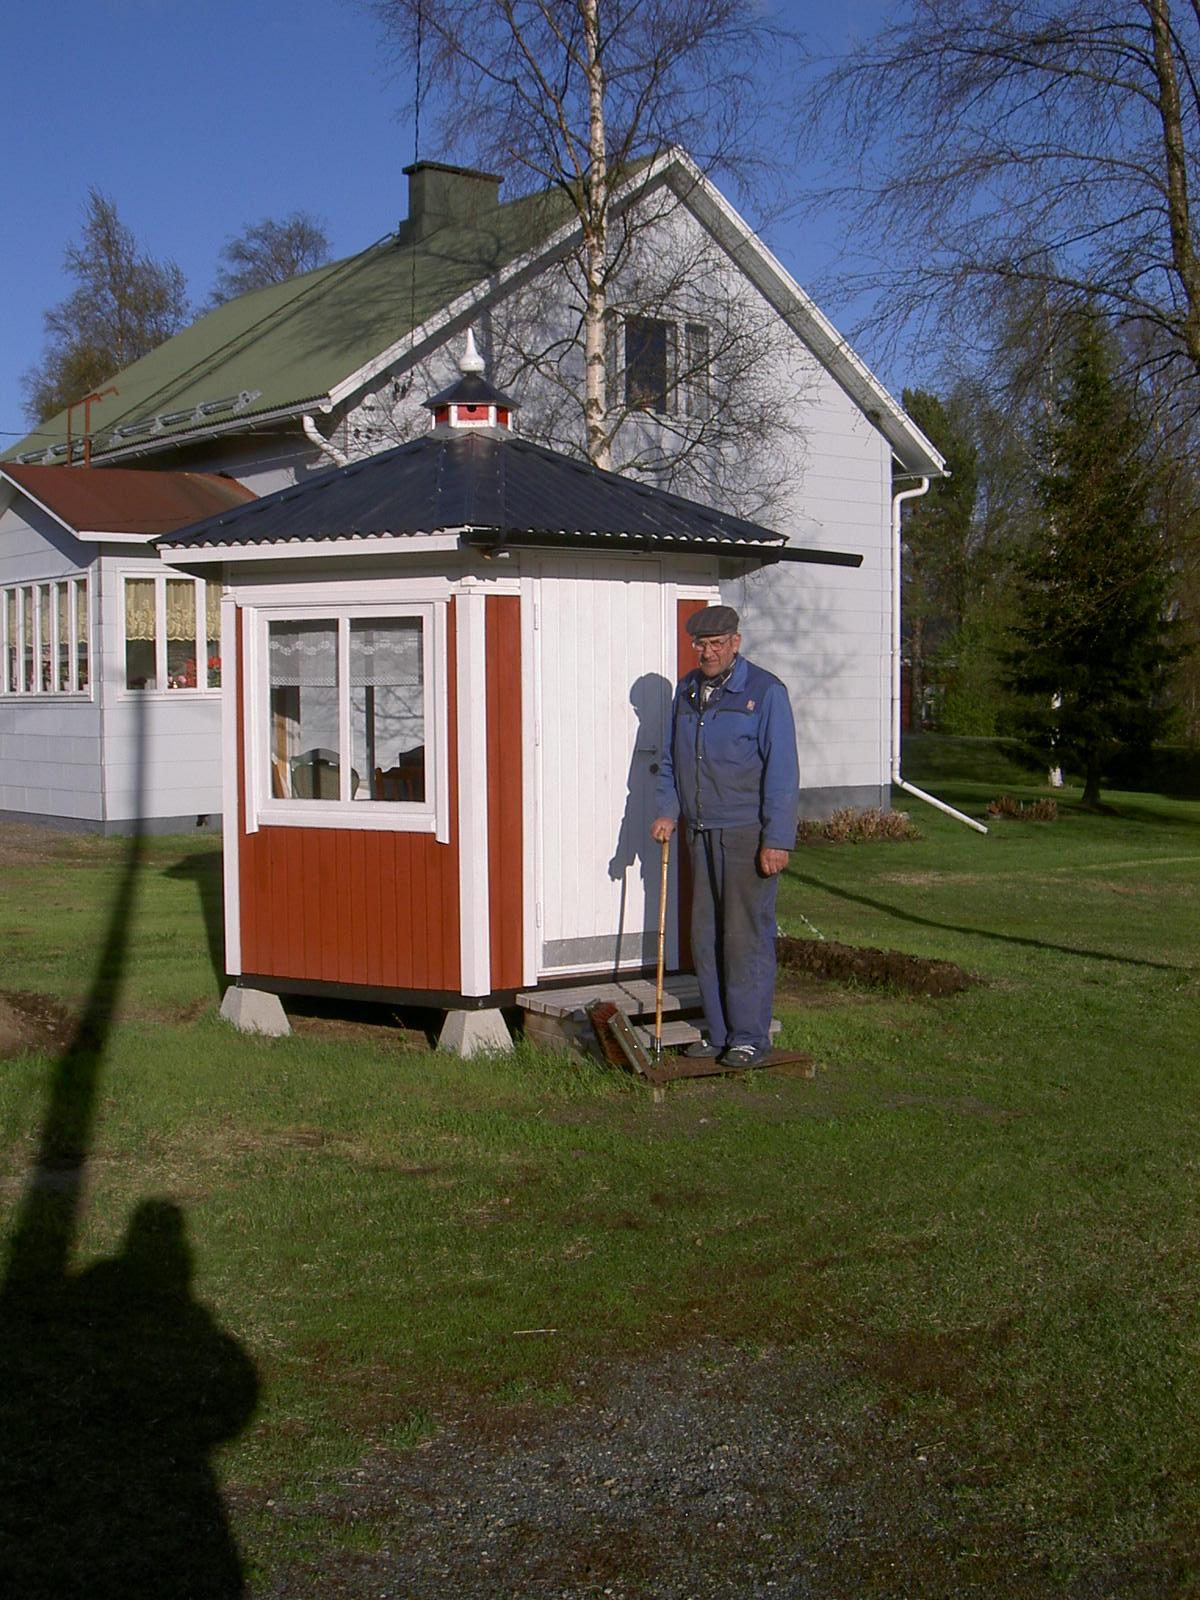 Här står Arvid Dahlroos framför det egenhändigt byggda lusthuset där hemma på gården, året är 2003. I bakgrunden Else Korsbäcks gård.